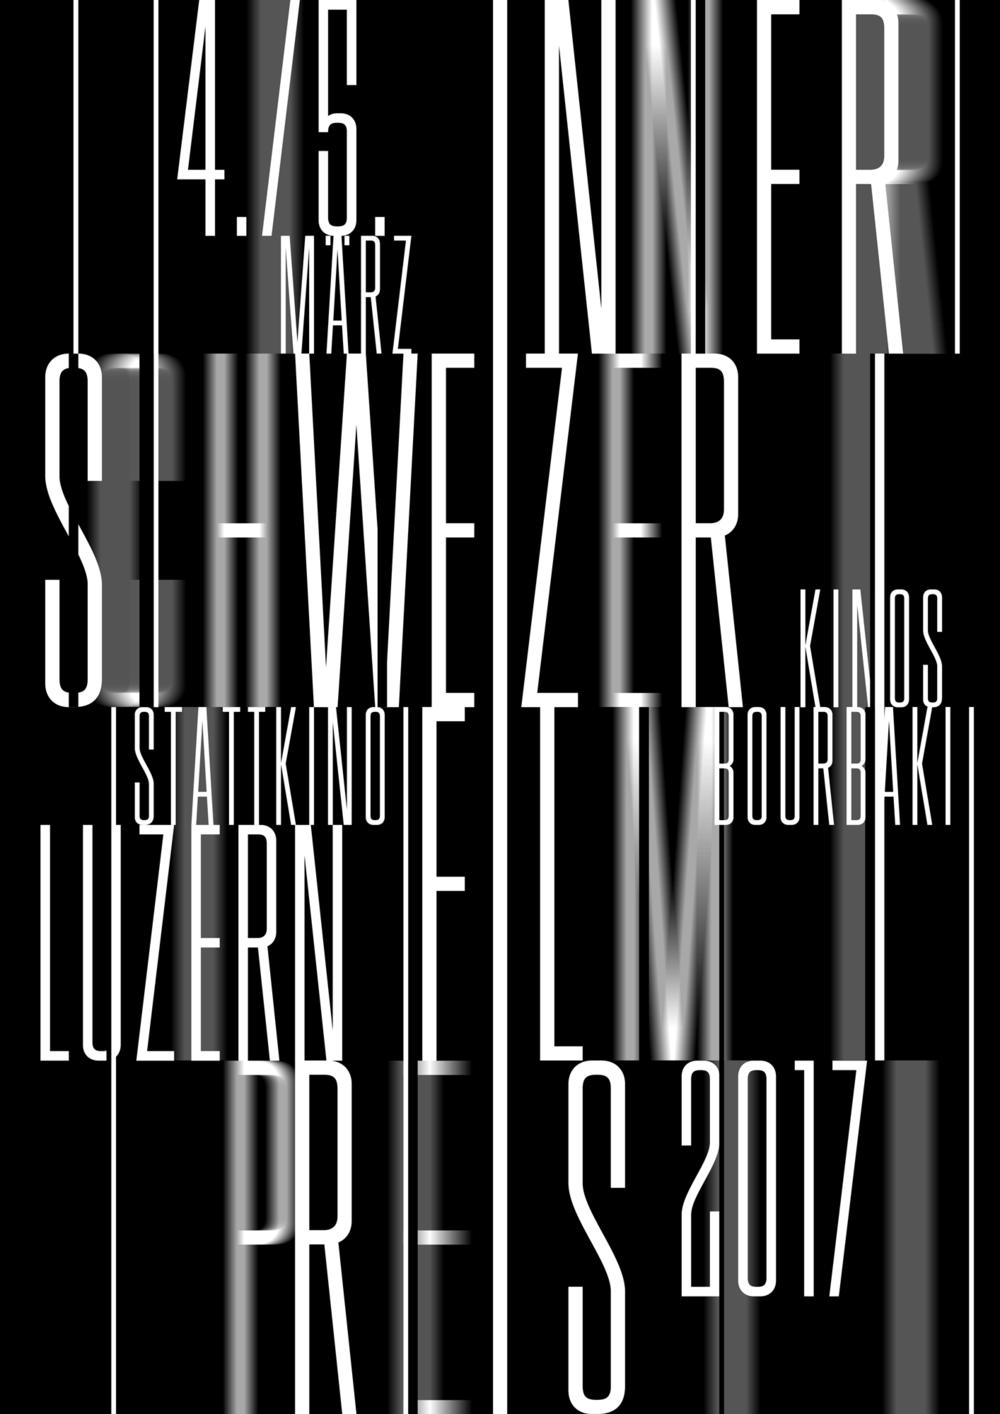 Erich-Brechbühl-poster-design-5.png